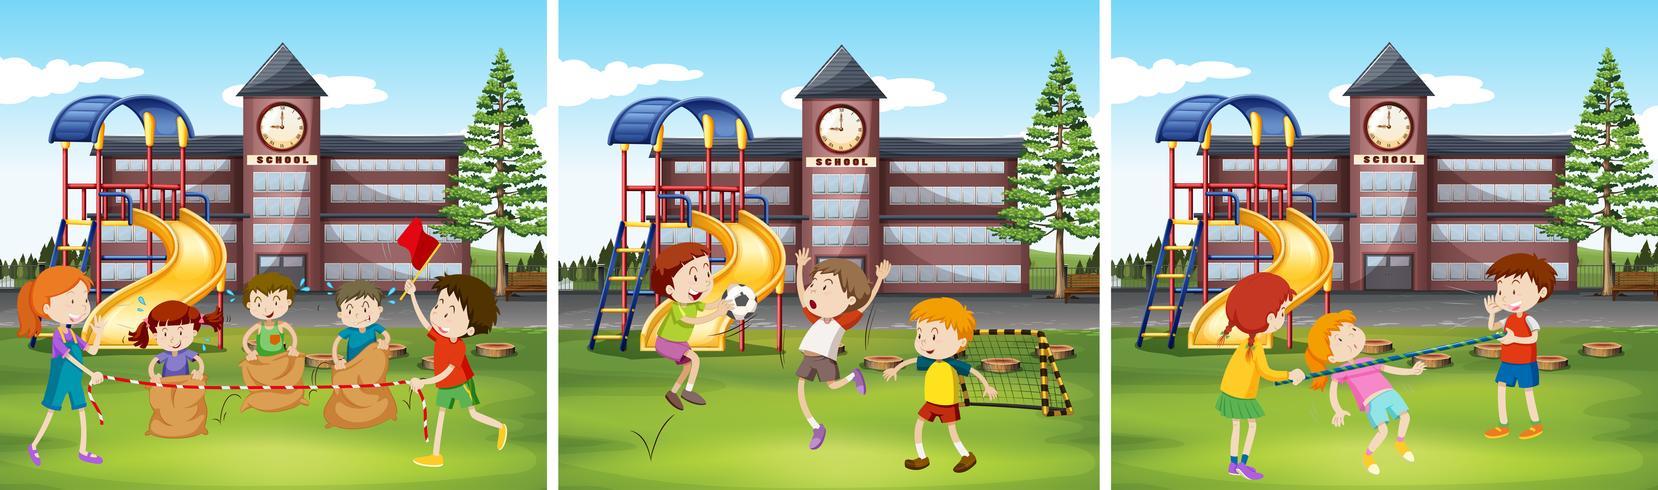 Barn som leker på skolgården vektor